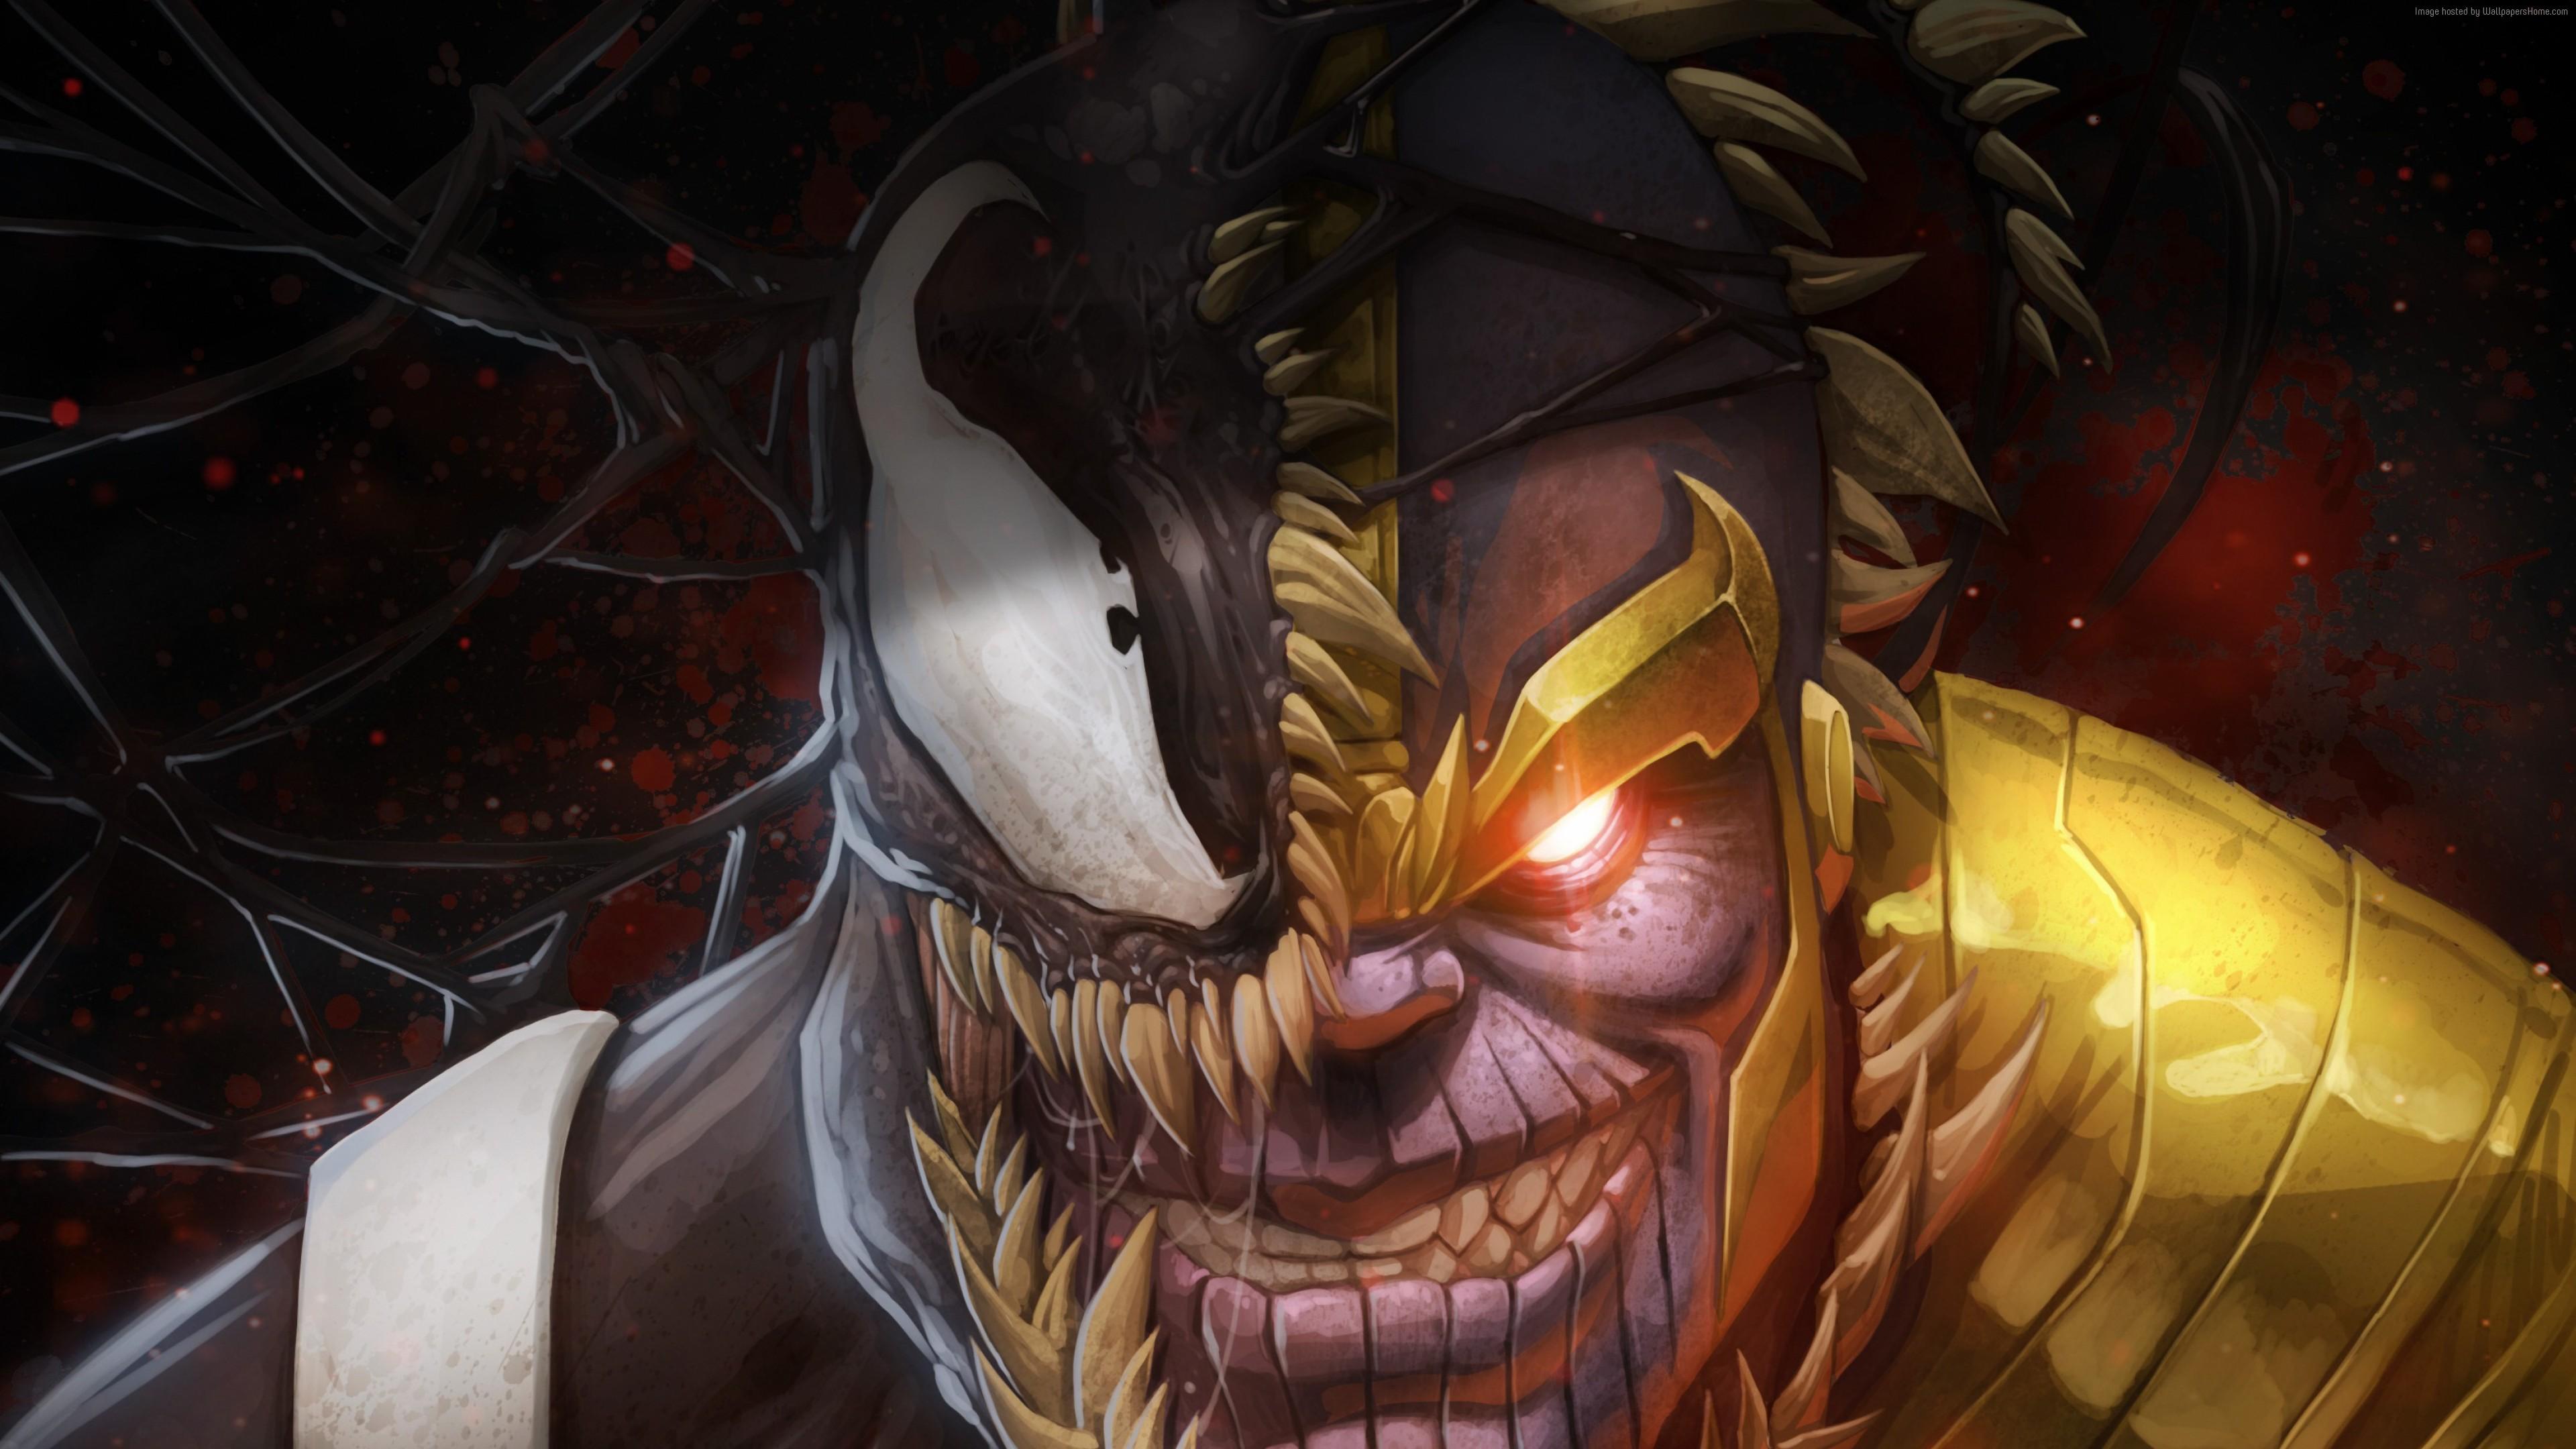 Wallpaper marvel comics thanos venom 4k art wallpaper download high resolution 4k wallpaper - Marvel hd wallpapers 4k ...